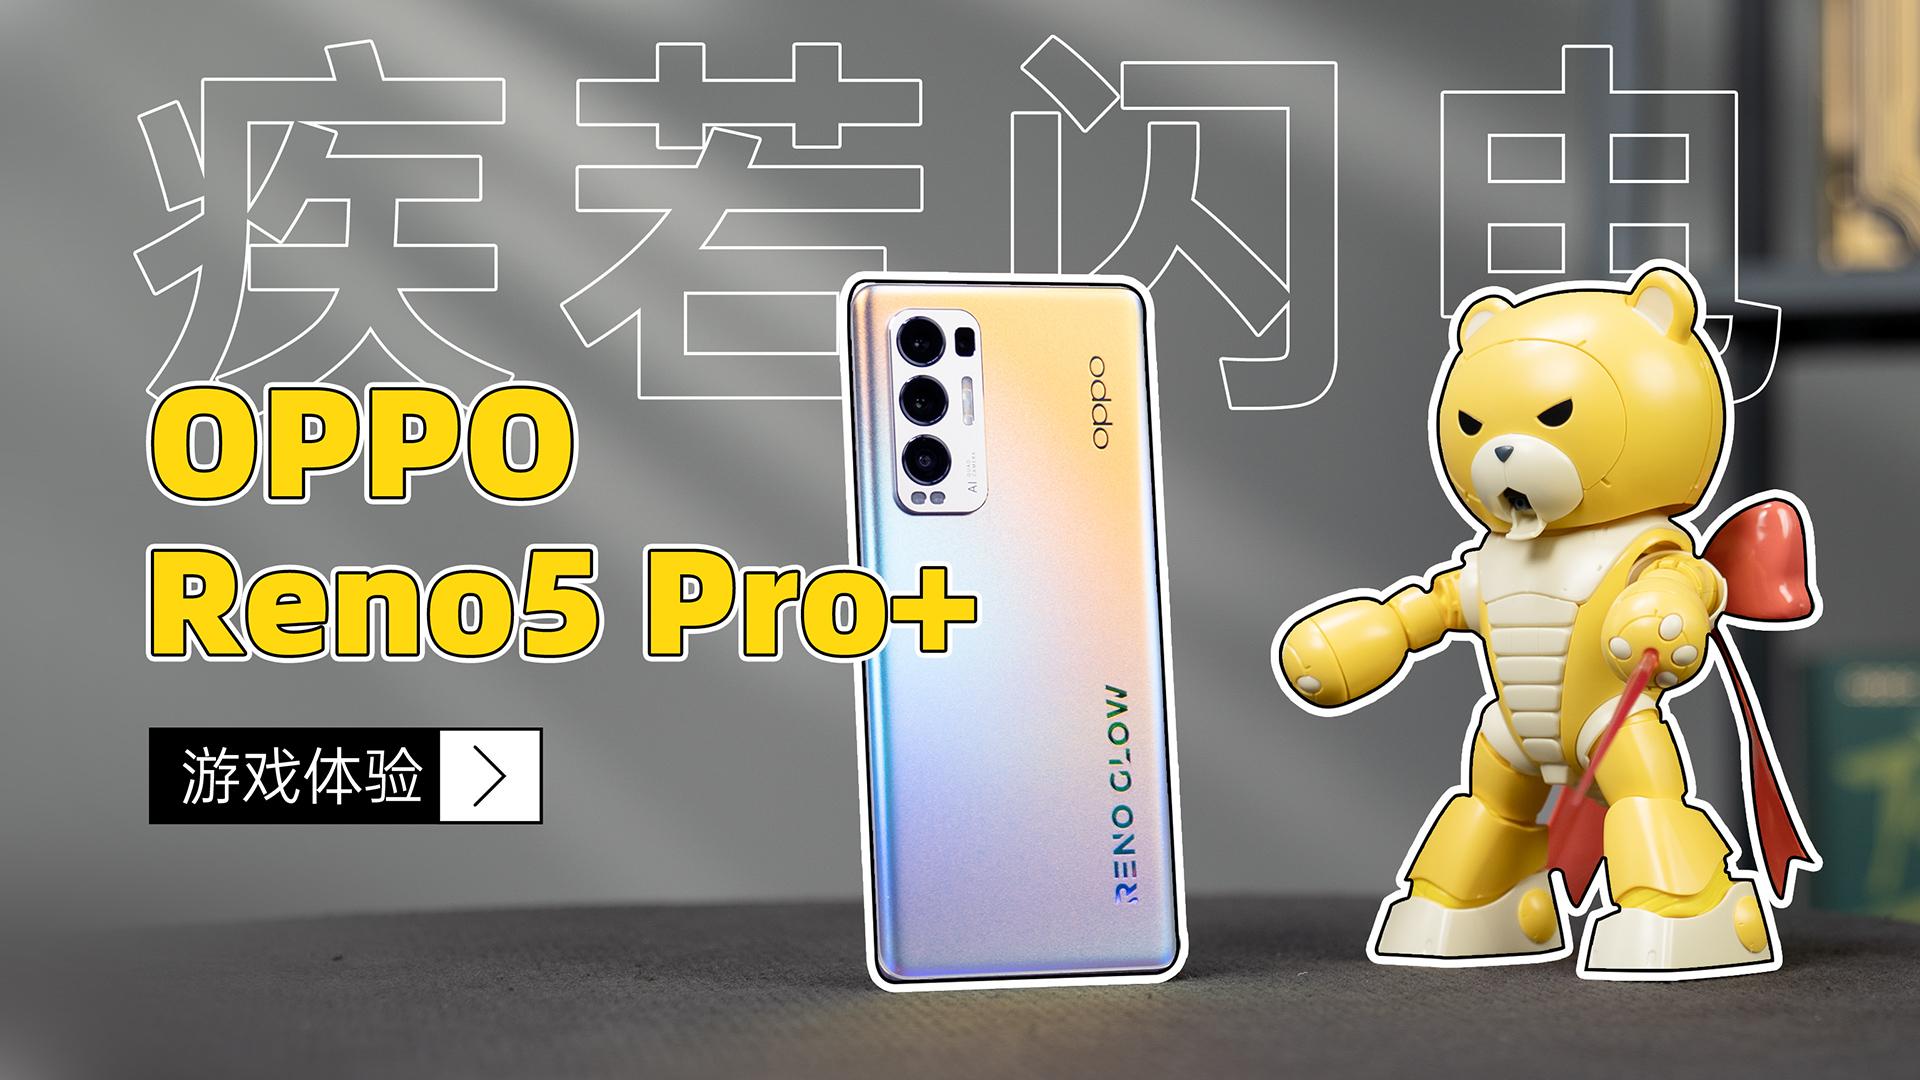 疾若闪电 OPPO Reno5 Pro+游戏体验